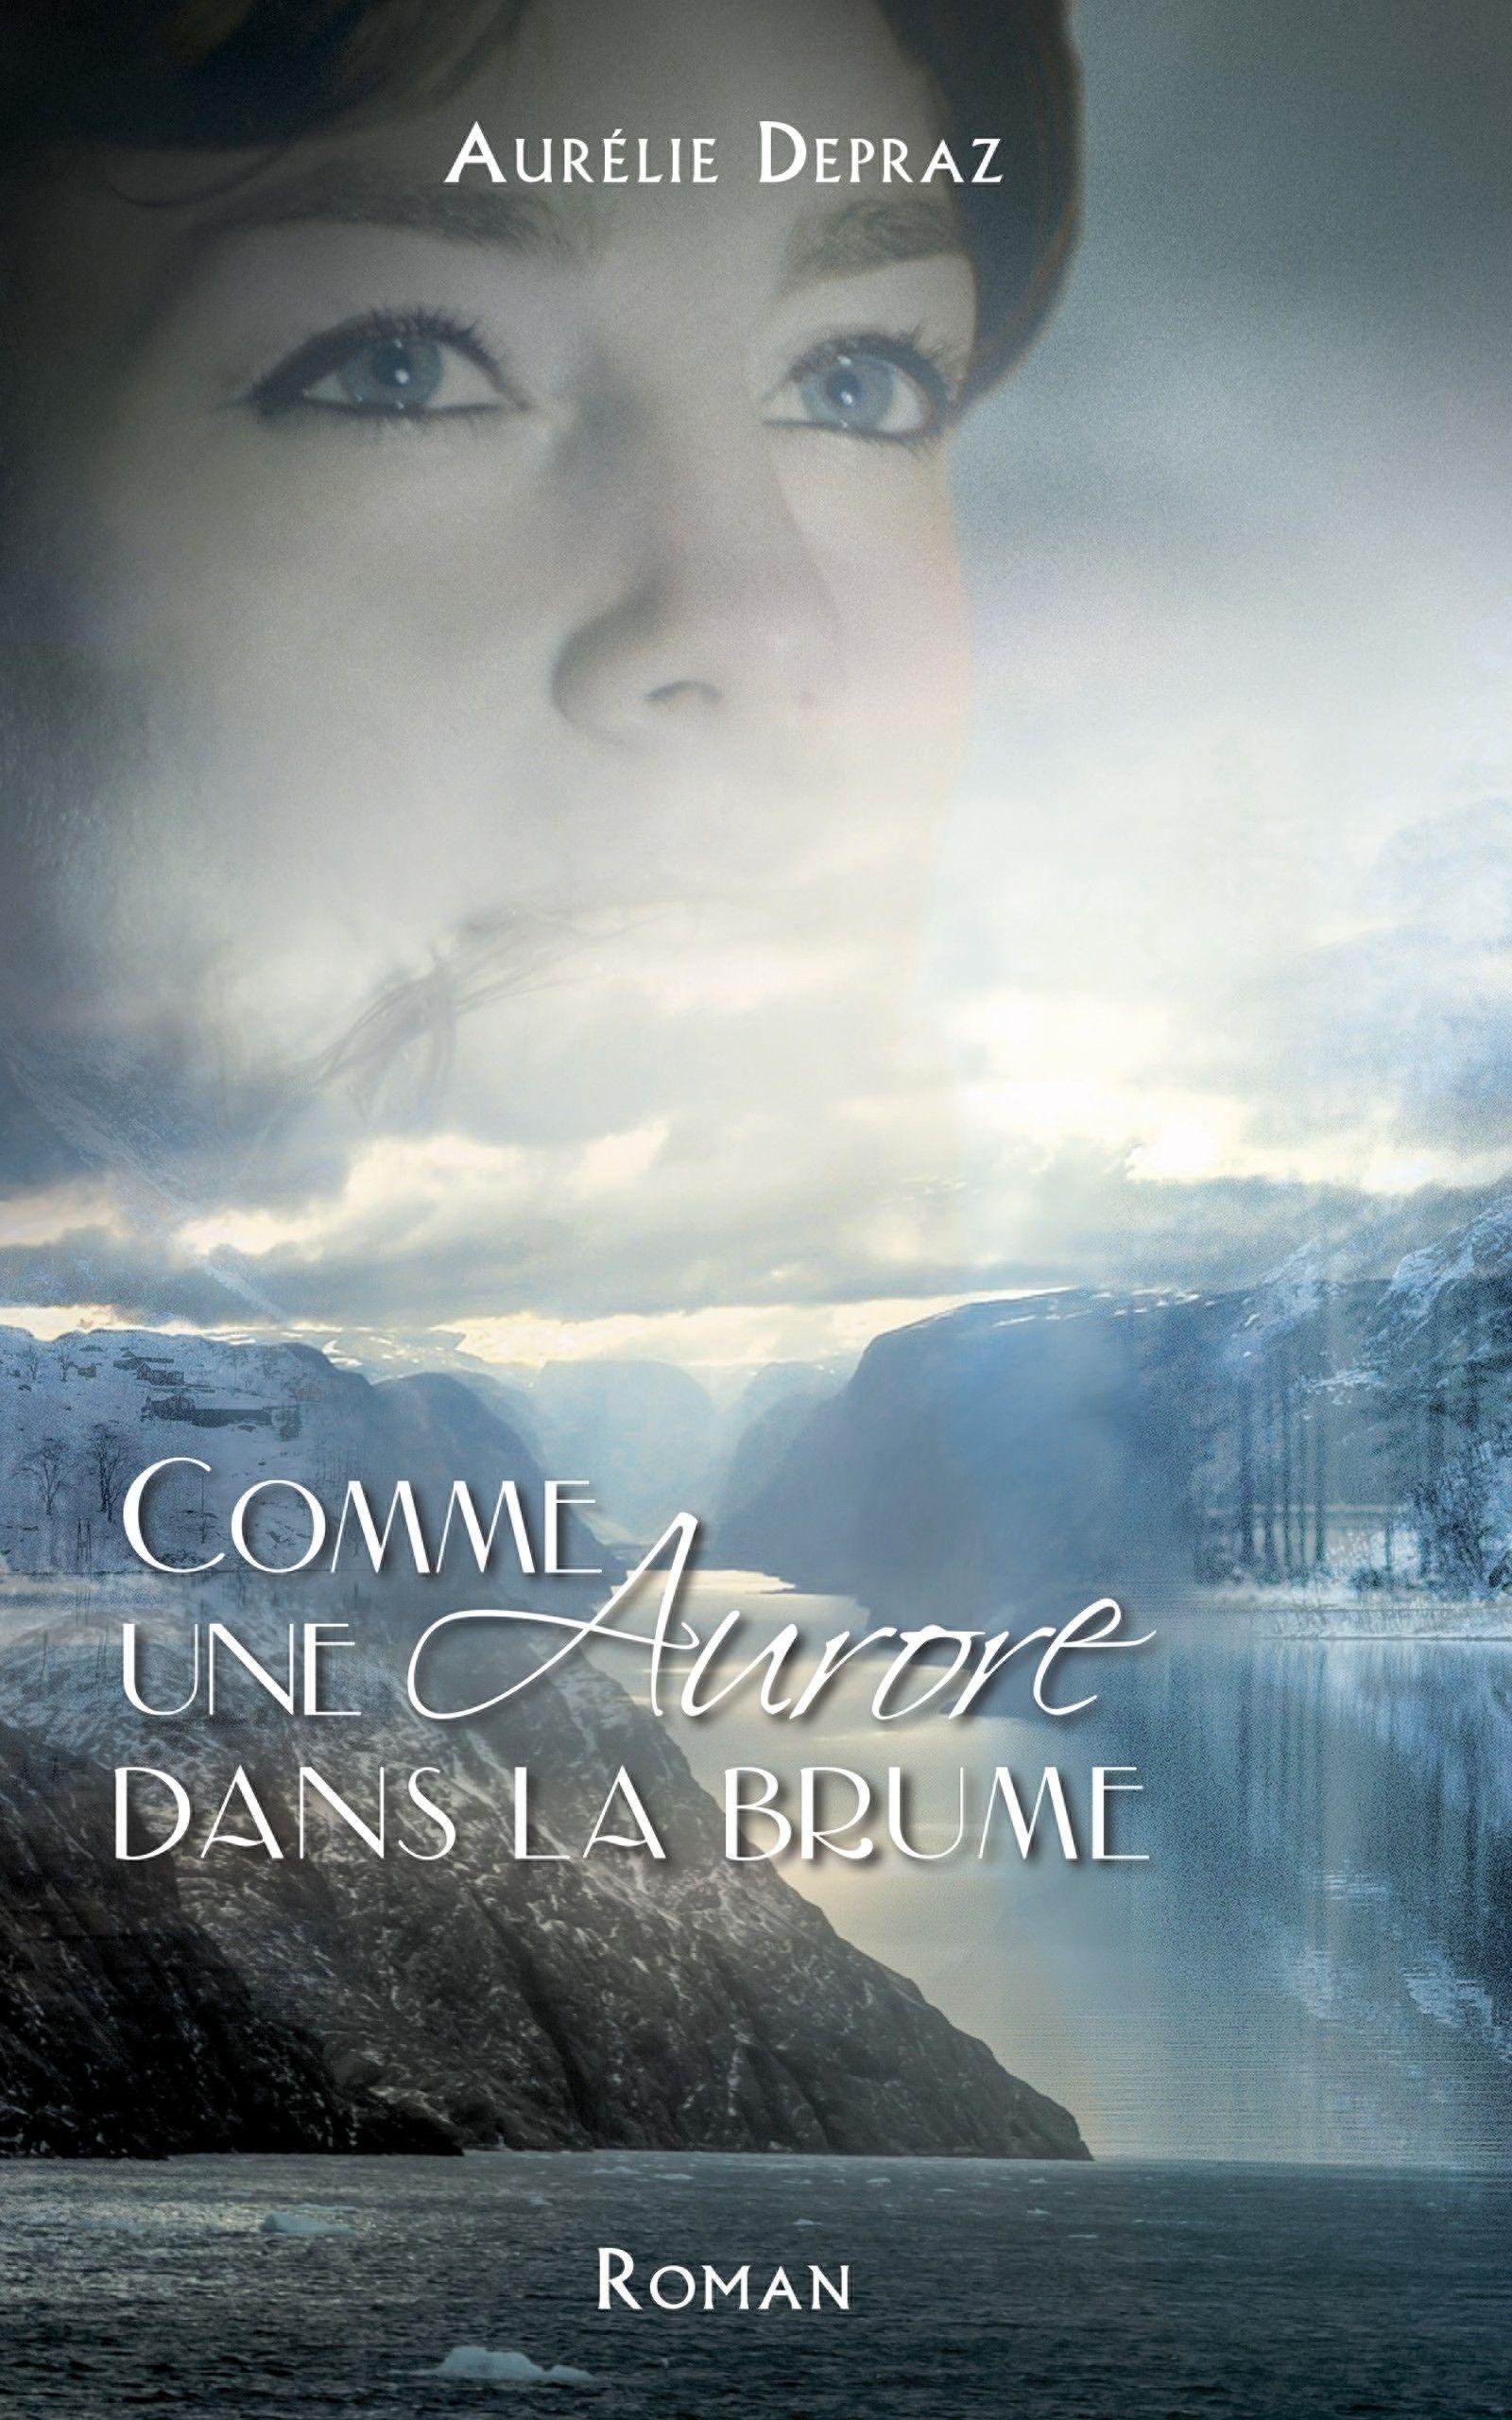 Romance Viking Norvege Medievale En 2020 Romance Historique Roman Fantasy Roman Francais